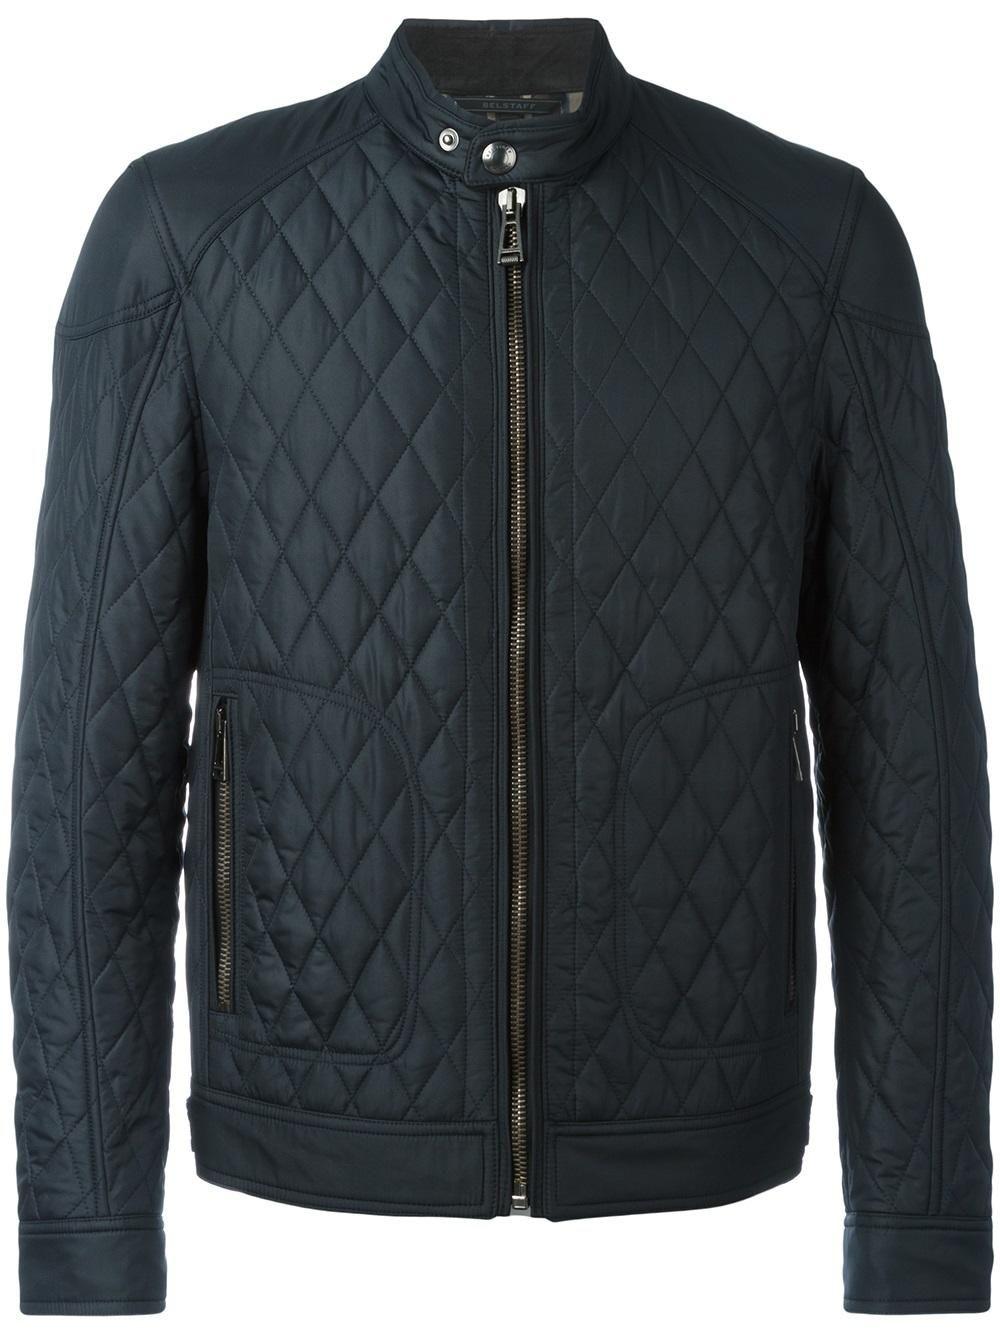 Belstaff Quilted Bomber Jacket Designer Jackets For Men Jackets Quilted Bomber Jacket [ 1334 x 1000 Pixel ]